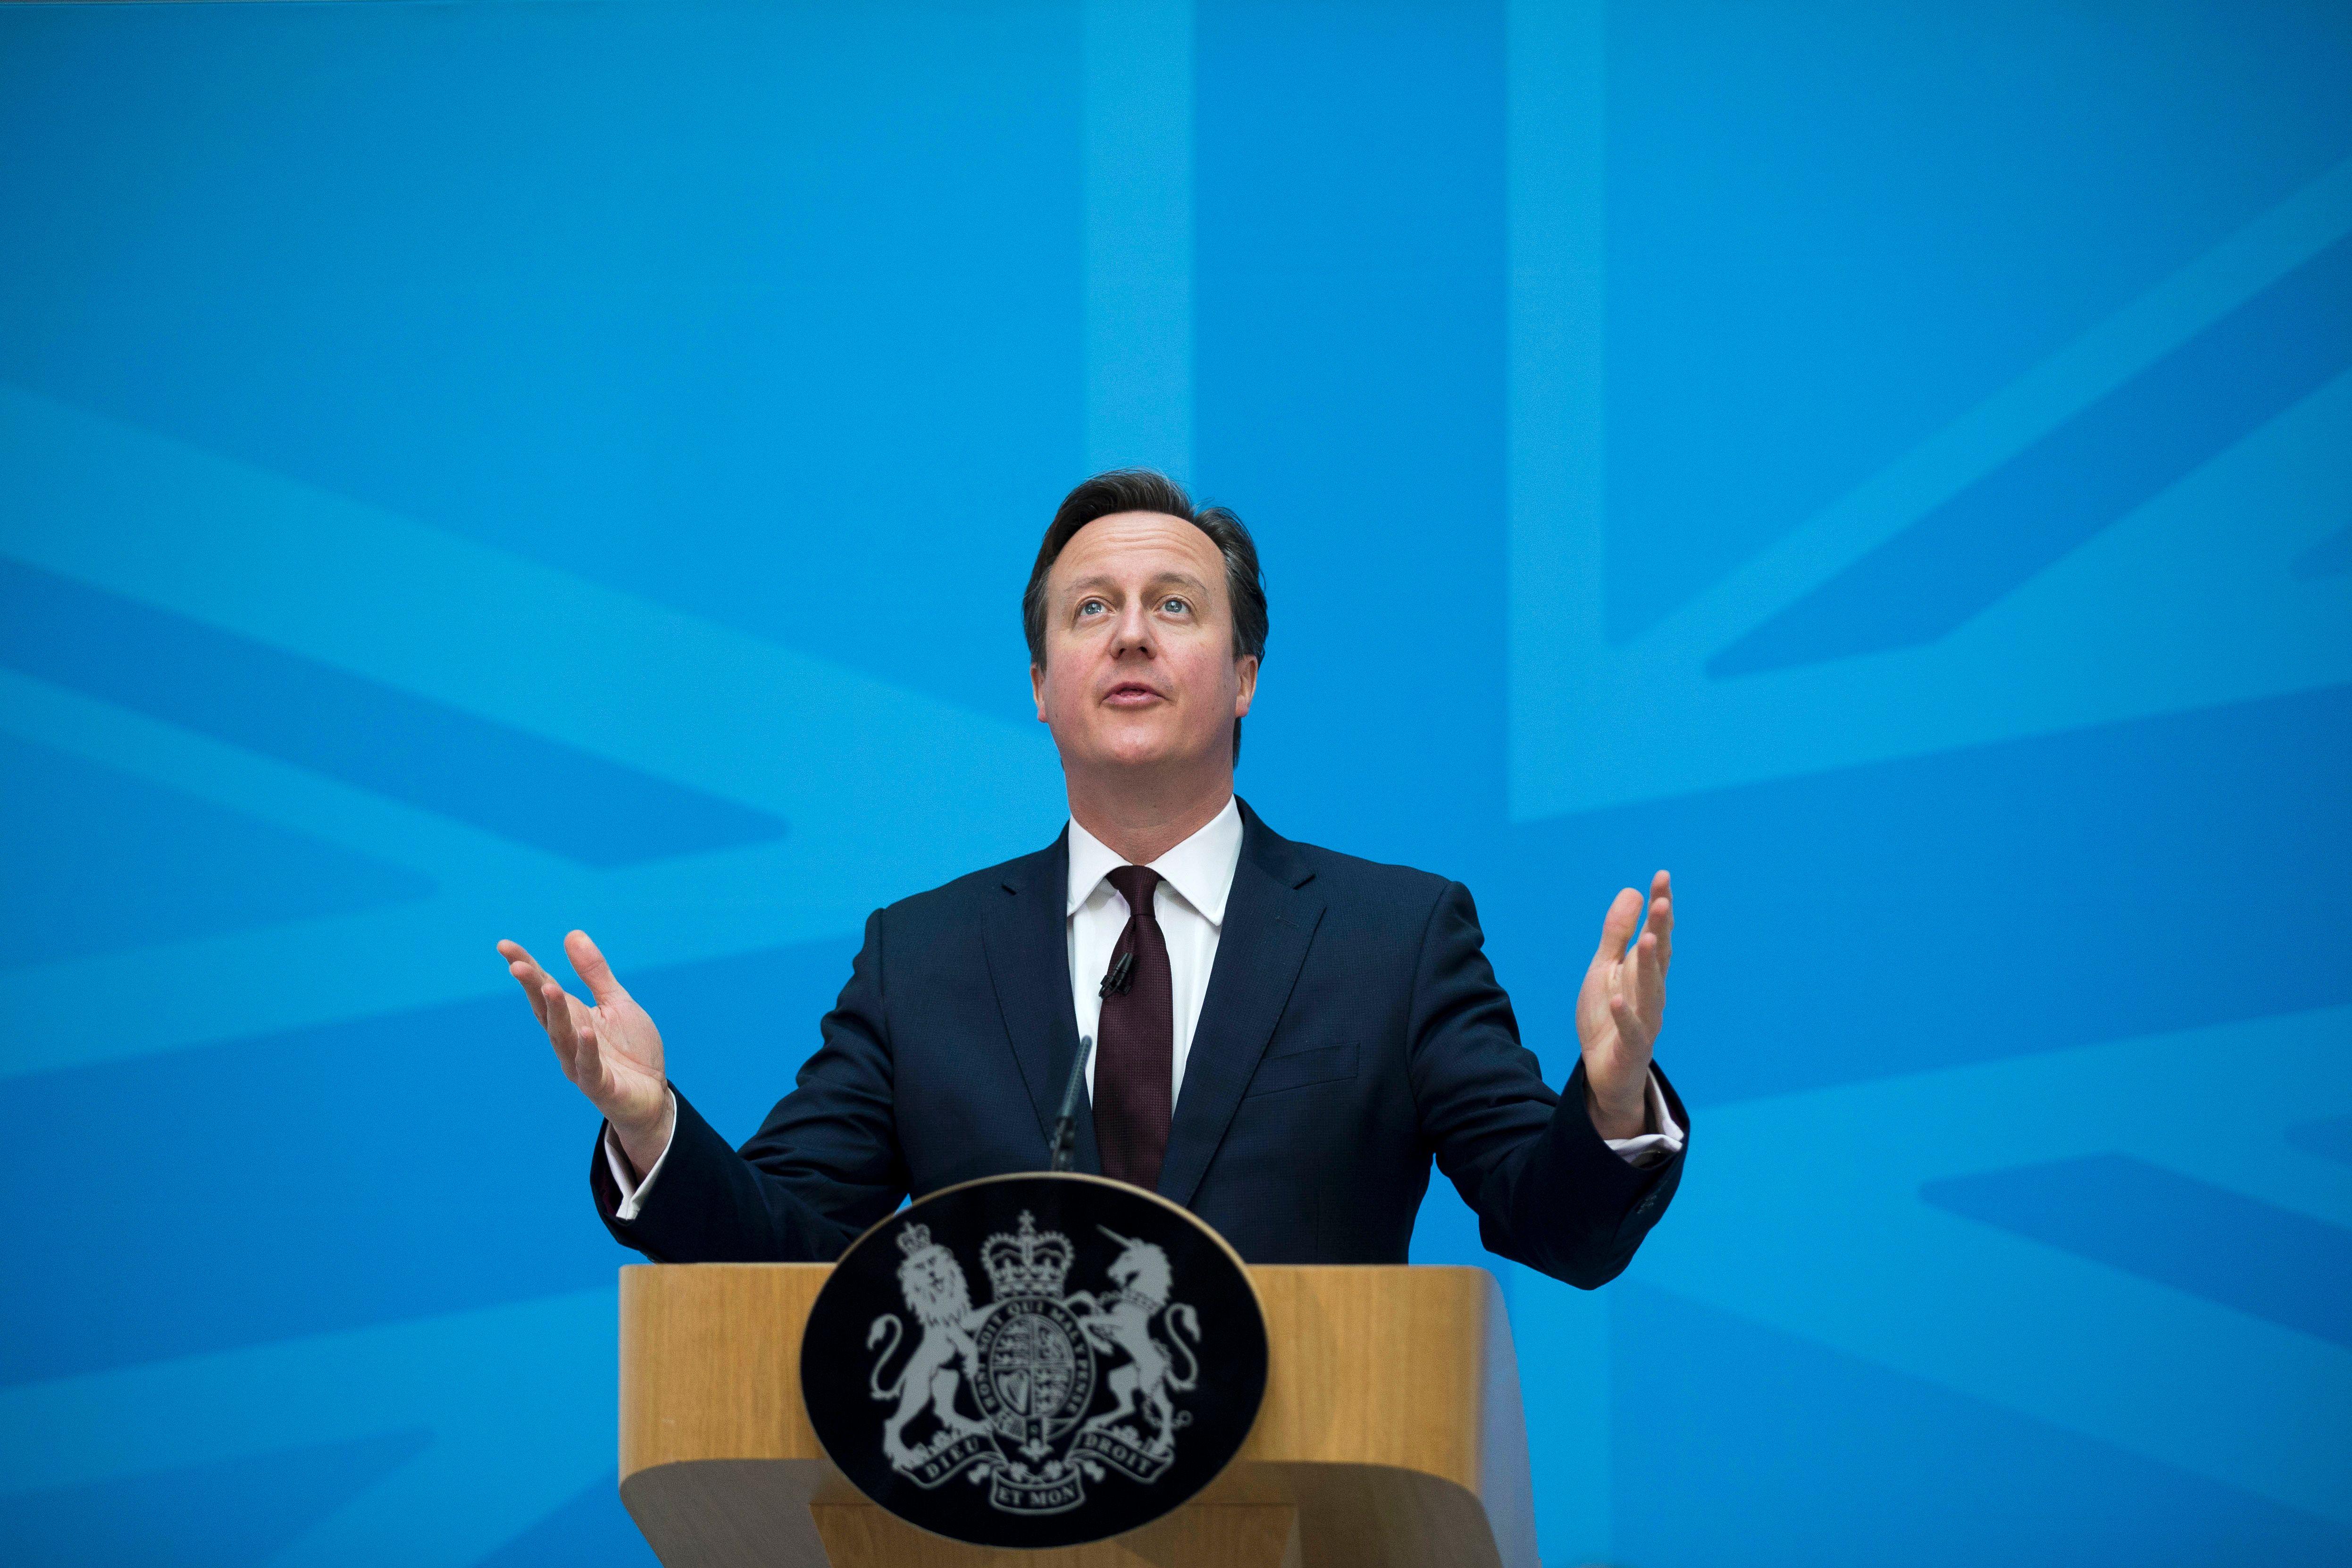 David Cameron en visite à Paris pour renégocier l'Europe